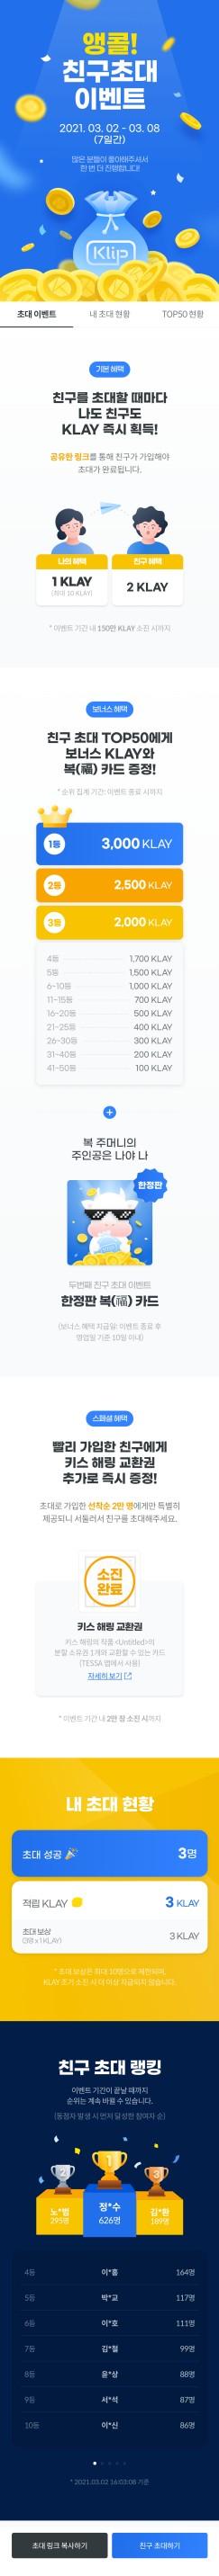 [클레이] 카카오톡 코인 KLAY, 클레이튼 무료 증정 이벤트